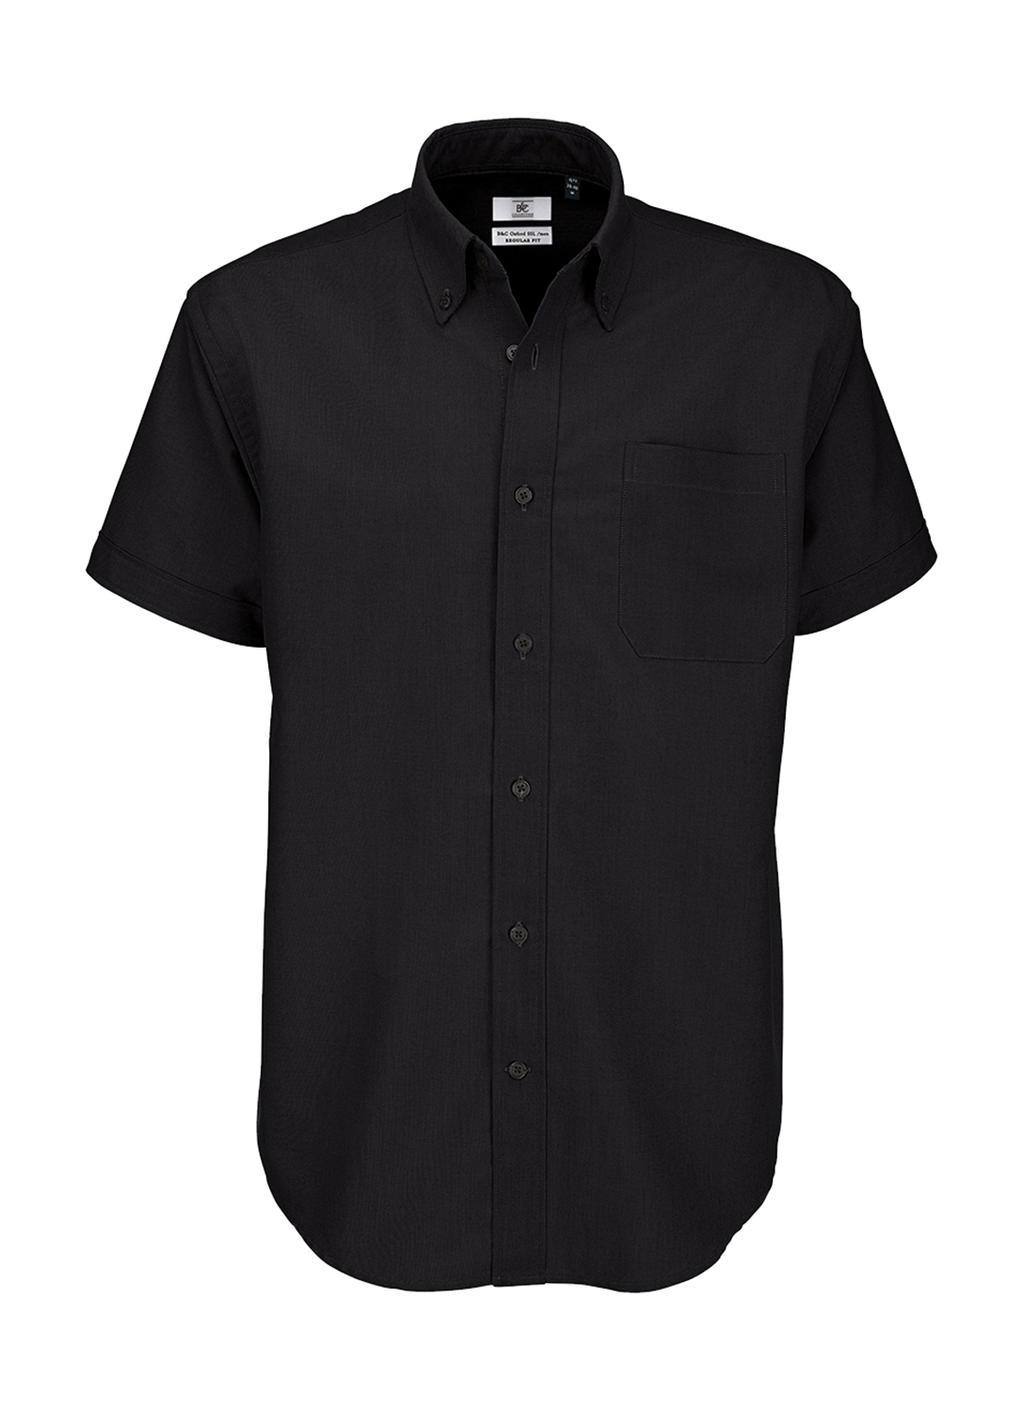 Pánská košile Oxford s krátkým rukávem - zvìtšit obrázek